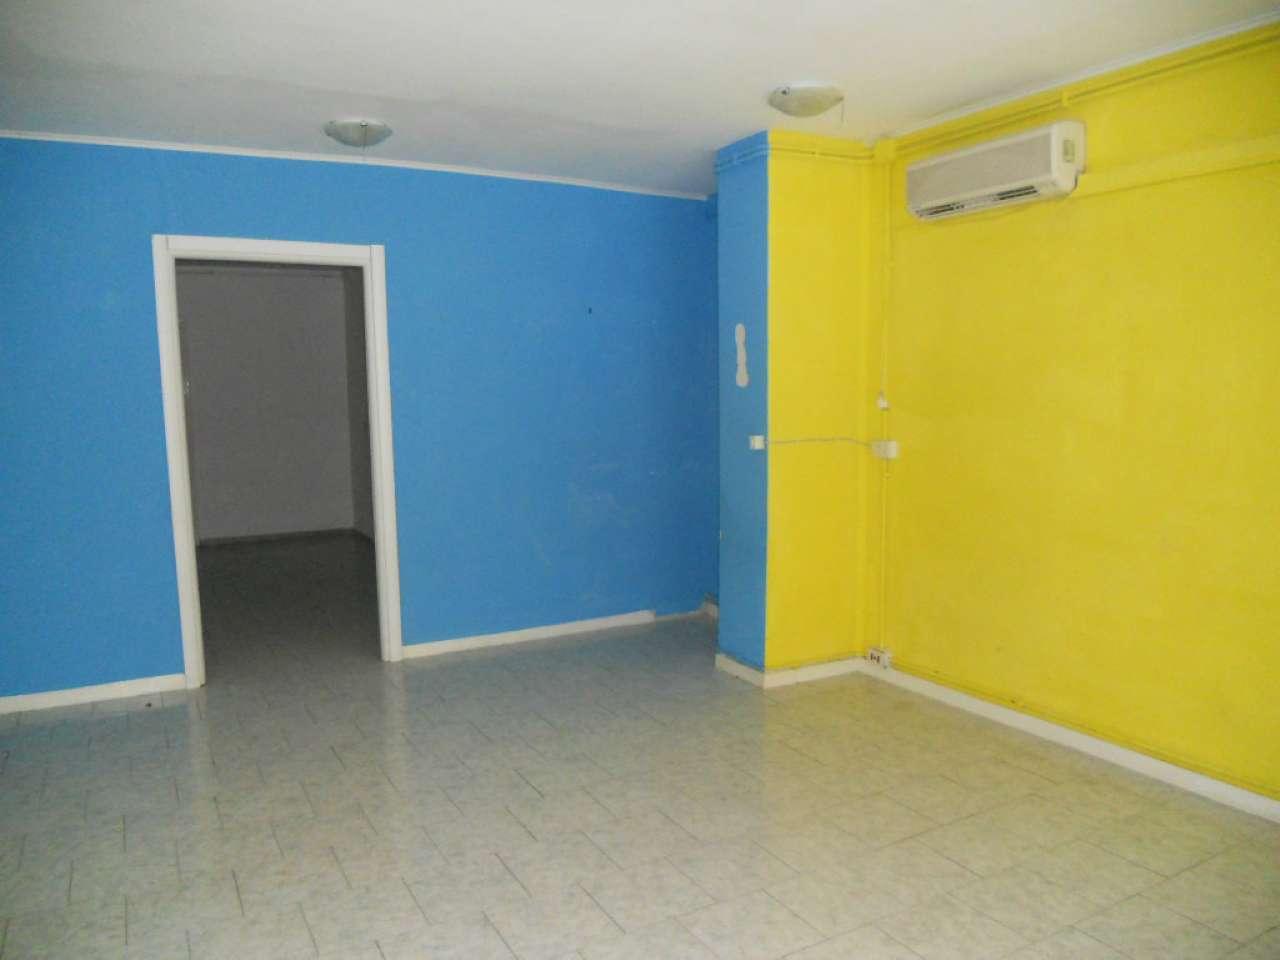 Negozio / Locale in affitto a Pomezia, 2 locali, prezzo € 550   CambioCasa.it